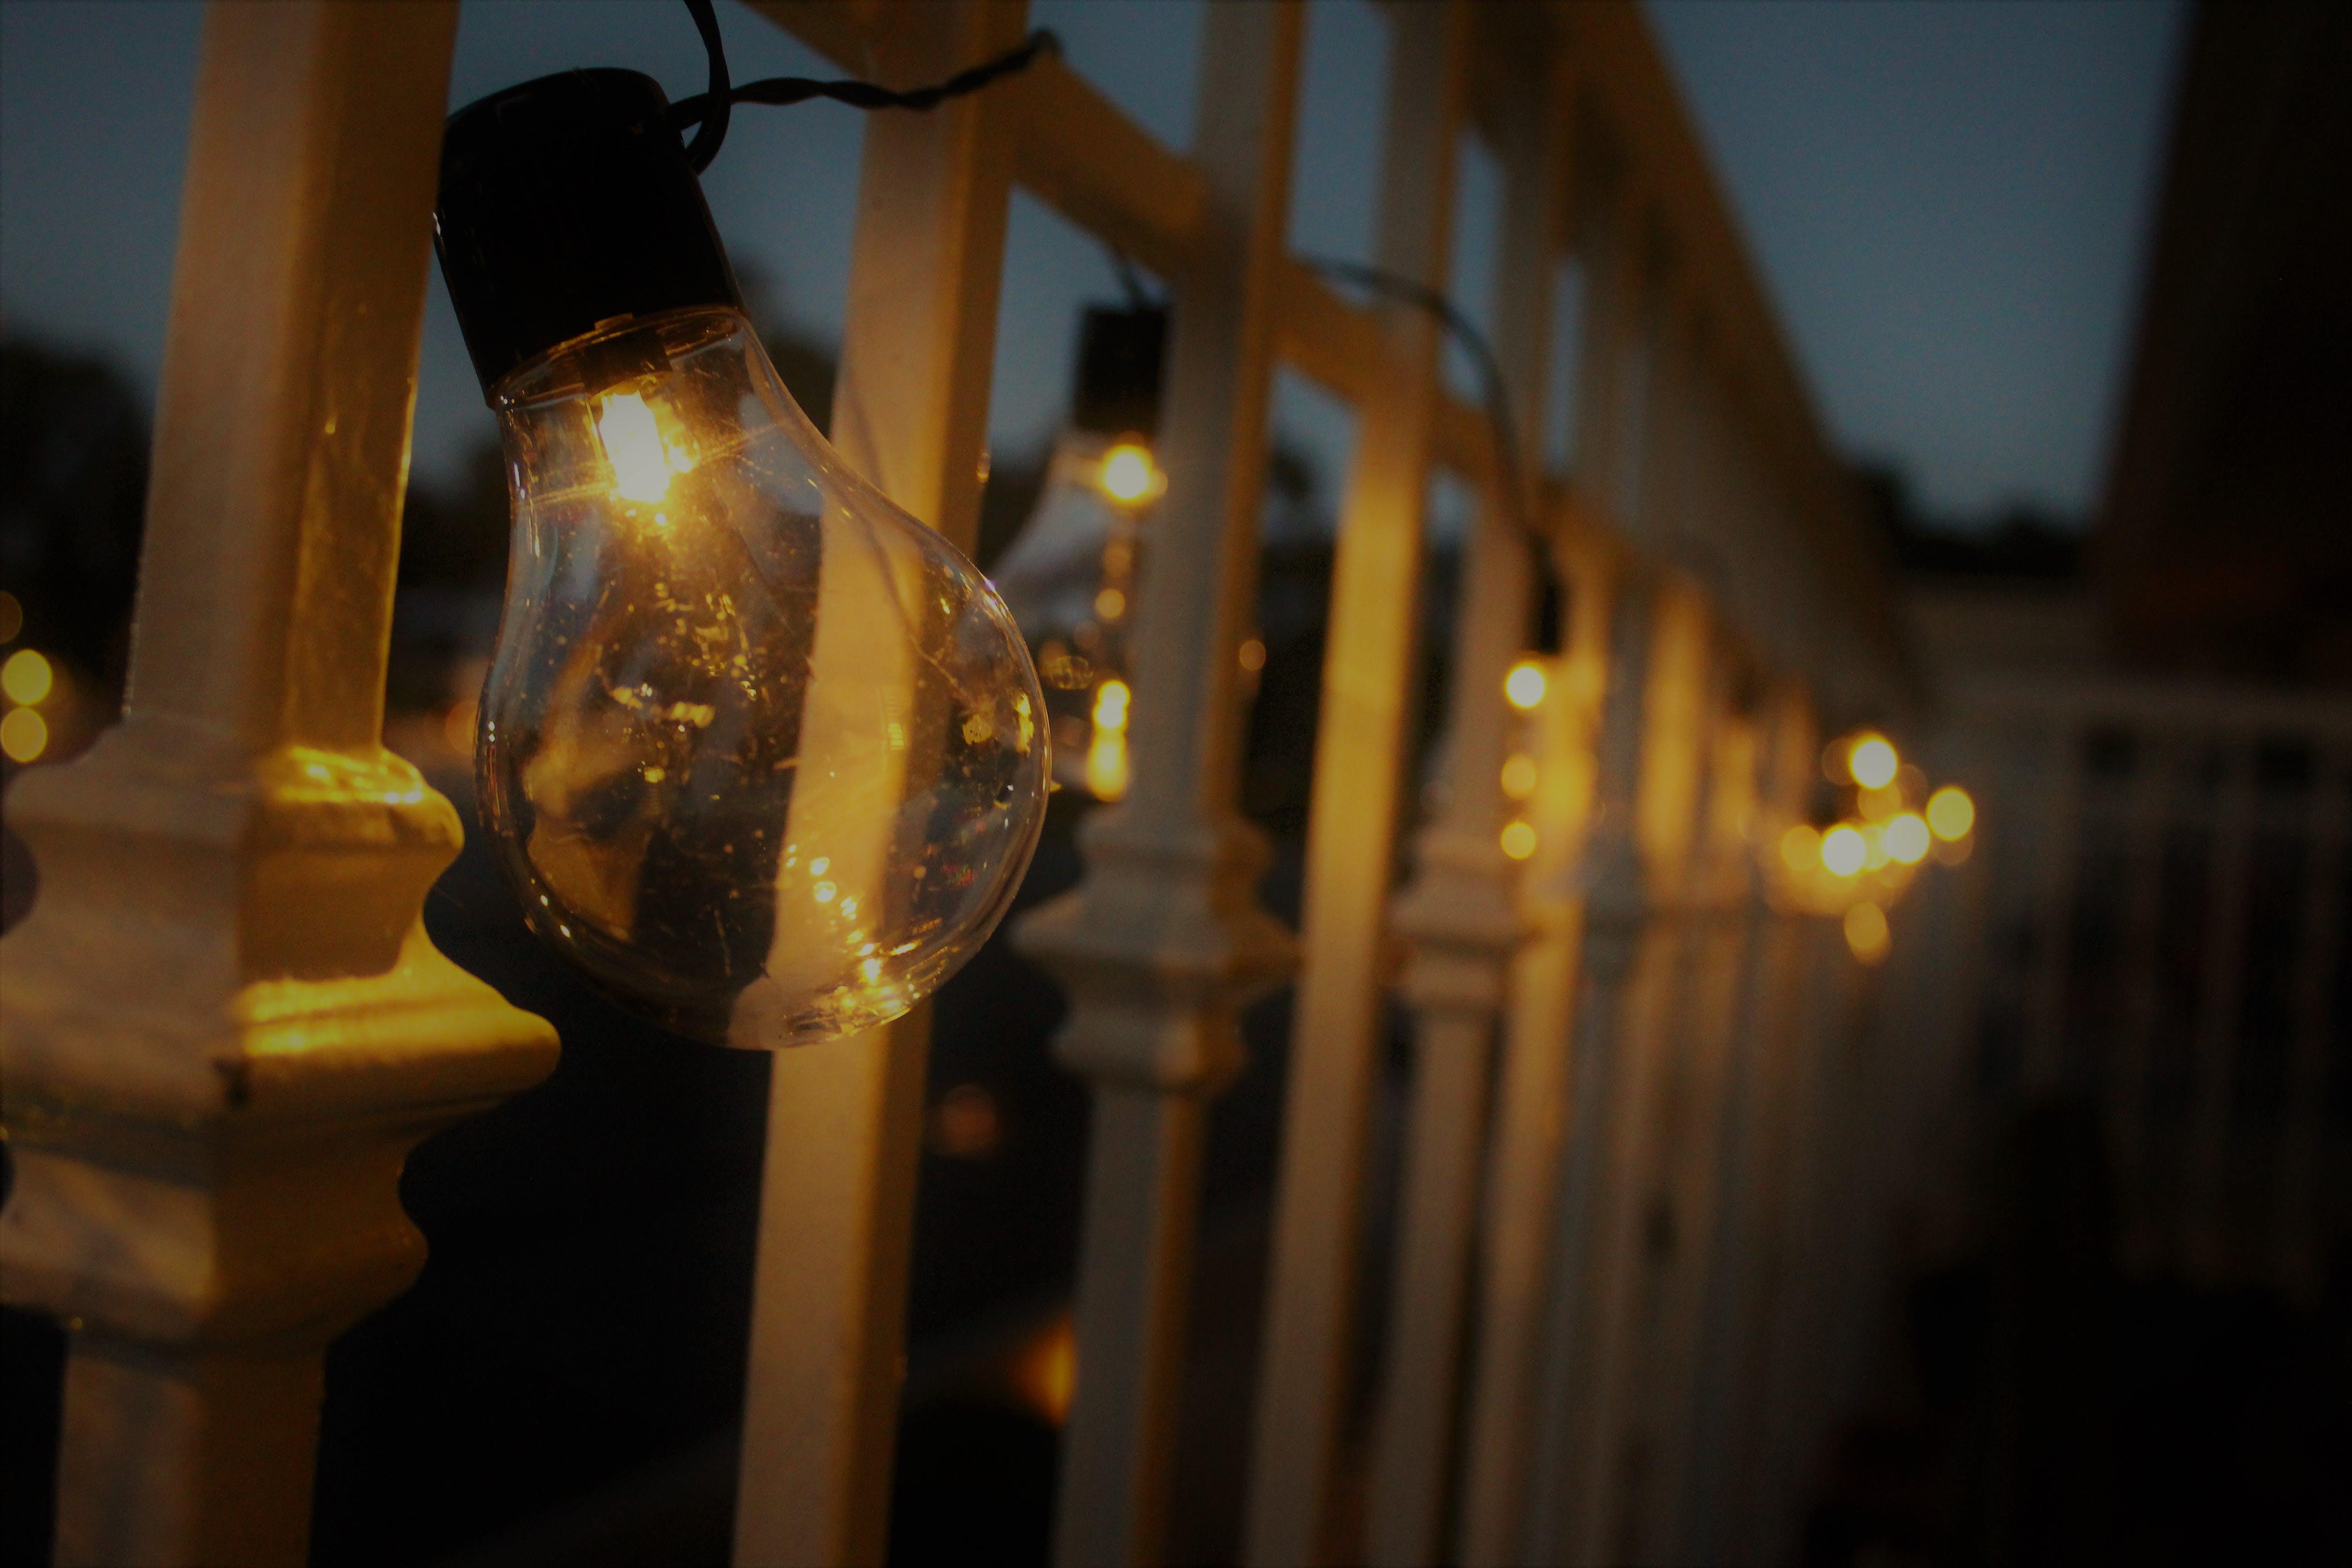 Kostenloses Stock Foto zu licht, beleuchtung, abend, elektrizität